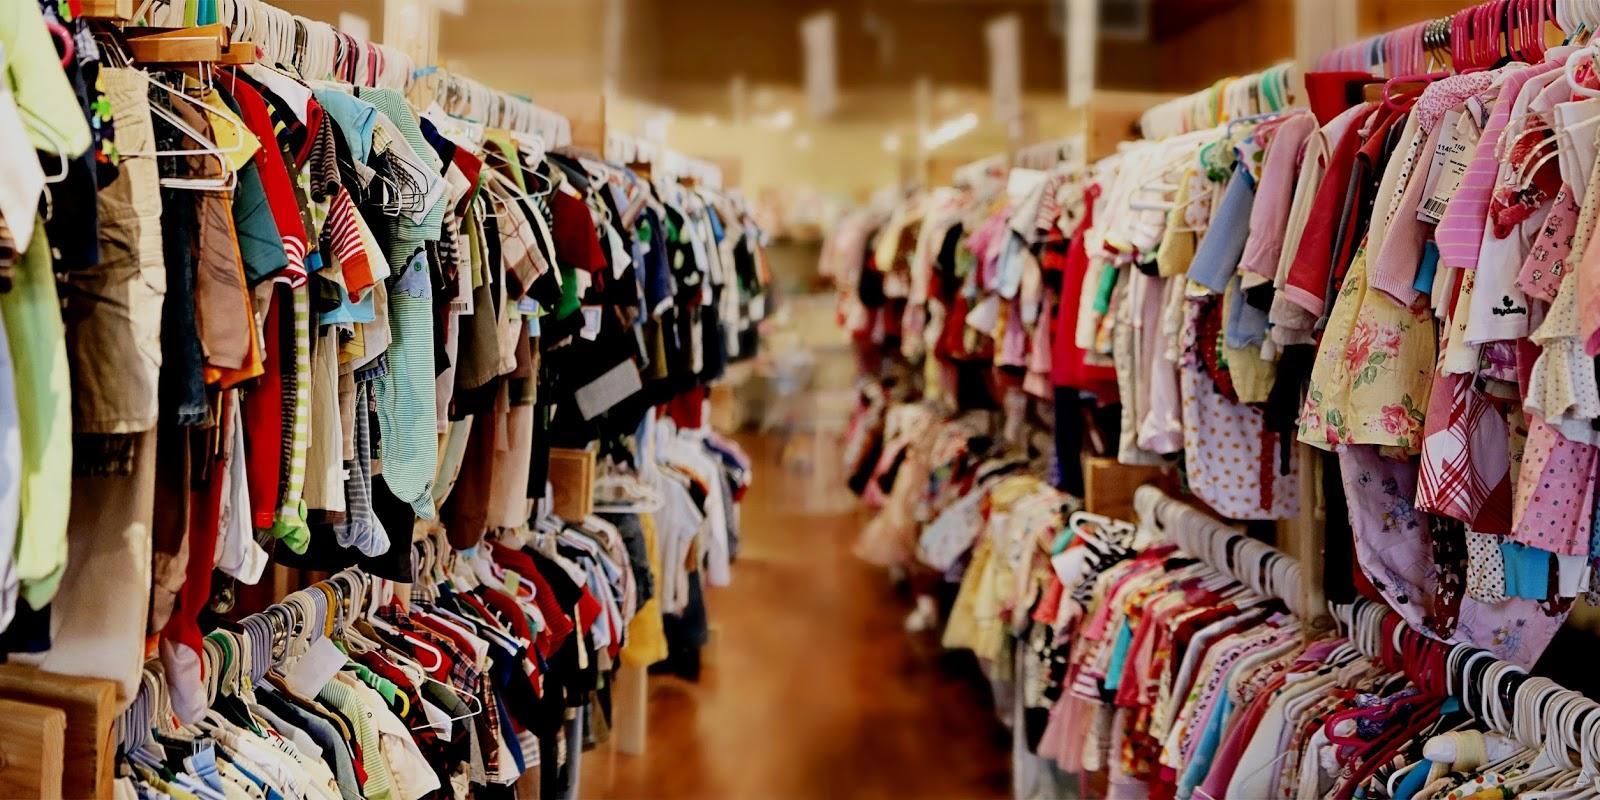 Kho hàng quần áo Quảng Châu